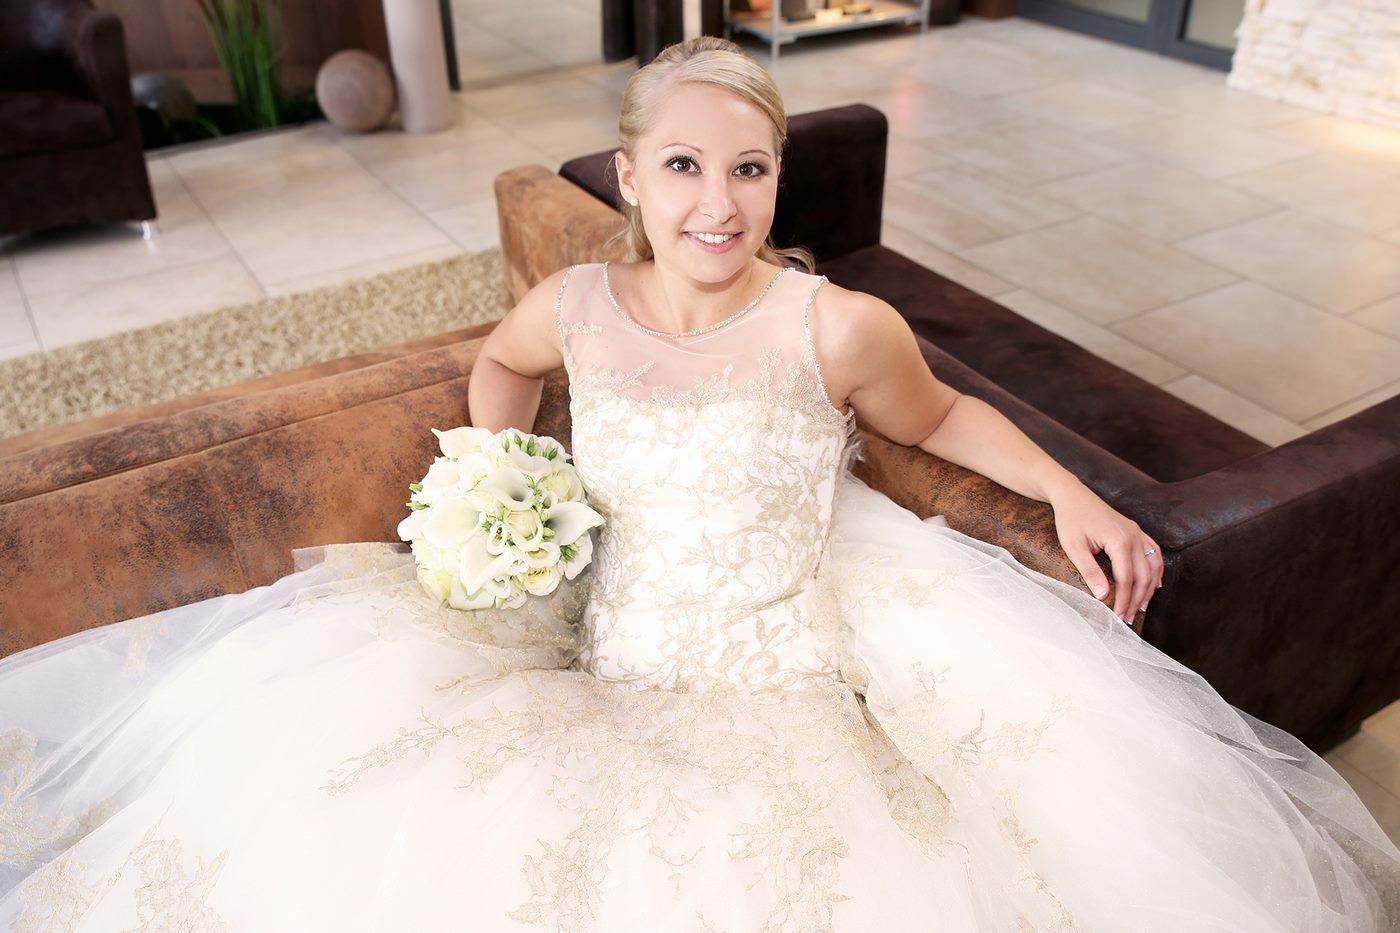 Braut ganz in weiß sitzend im Sofa